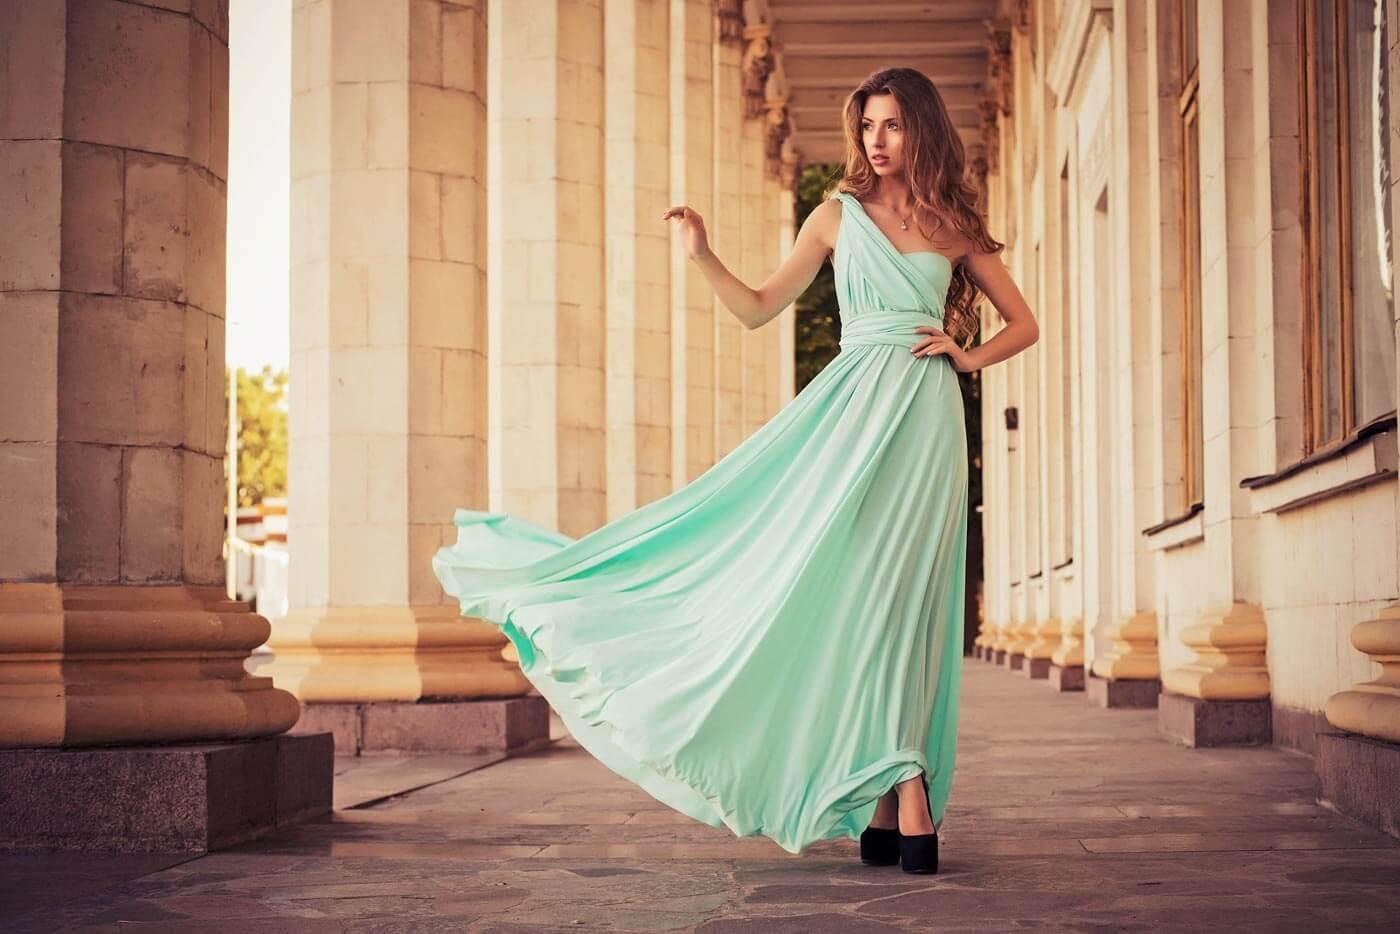 20 Einfach Schöne Verlobungskleider Bester Preis20 Ausgezeichnet Schöne Verlobungskleider Ärmel